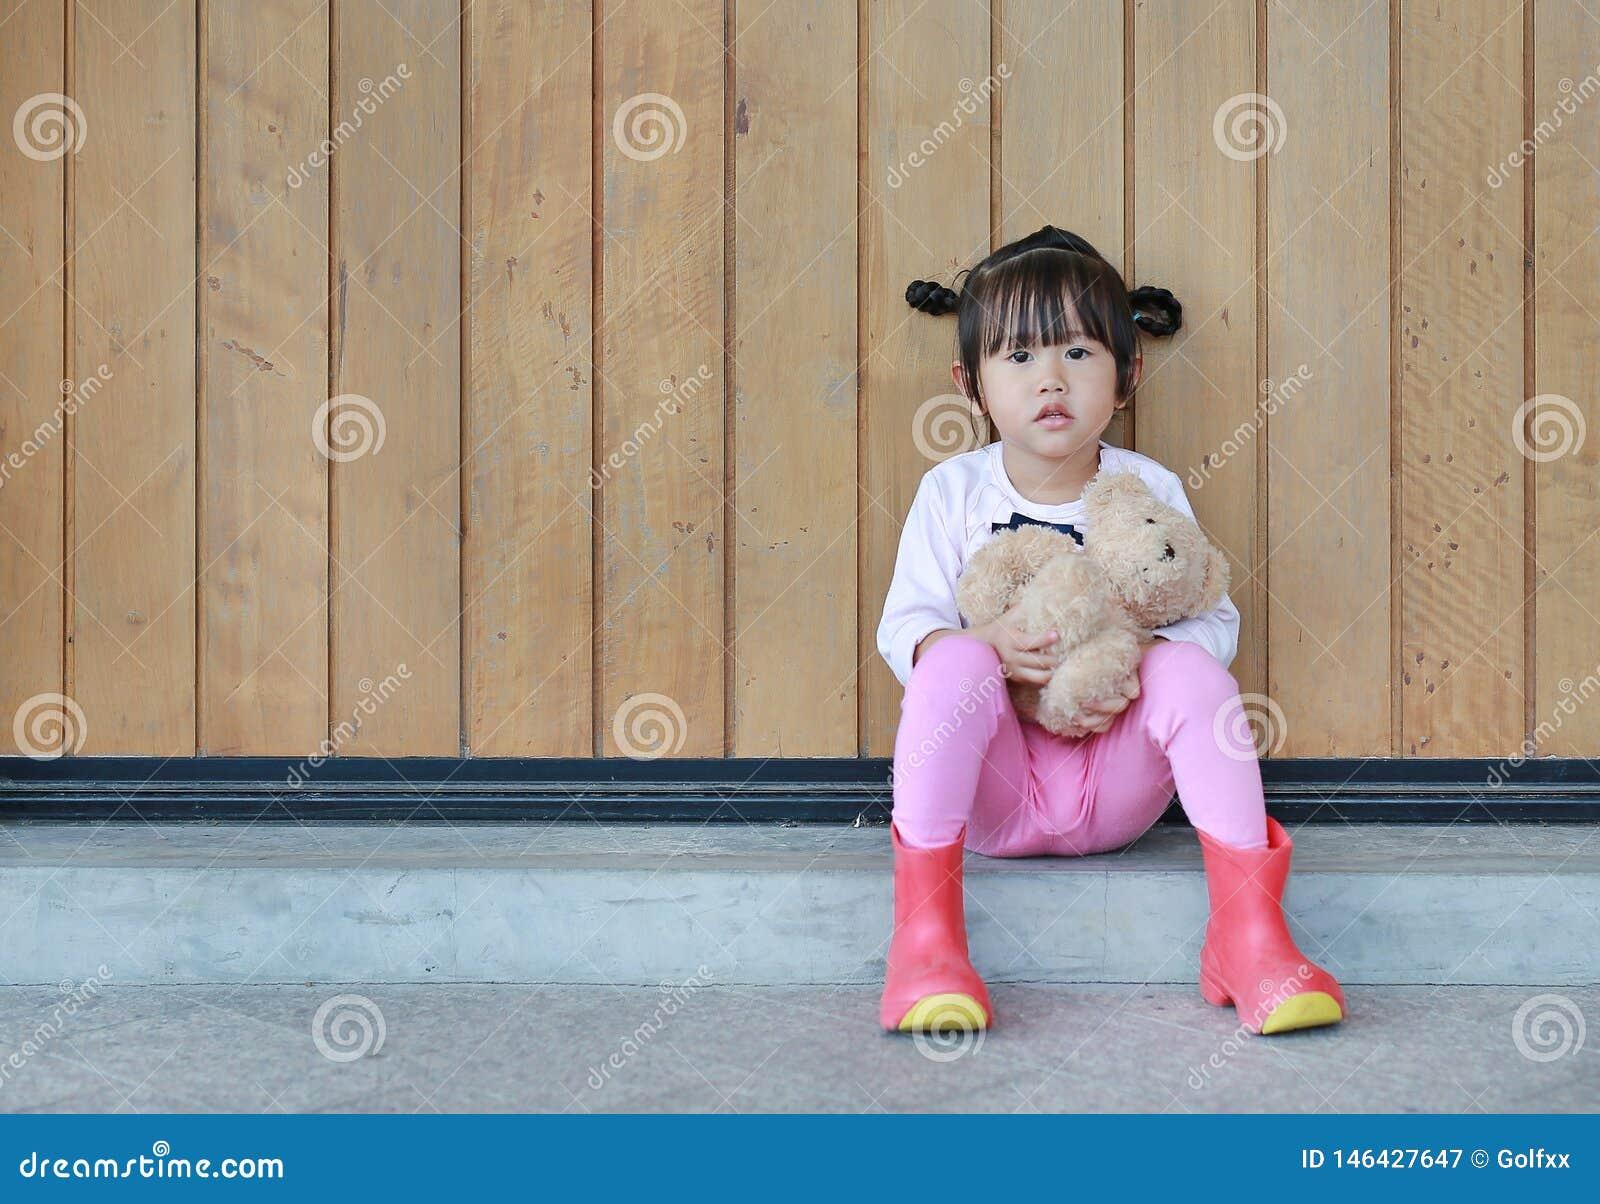 Το πορτρέτο του χαριτωμένου μικρού κοριτσιού κάθεται και αγκαλιάζοντας Teddy αντέξτε ενάντια στον ξύλινο τοίχο σανίδων